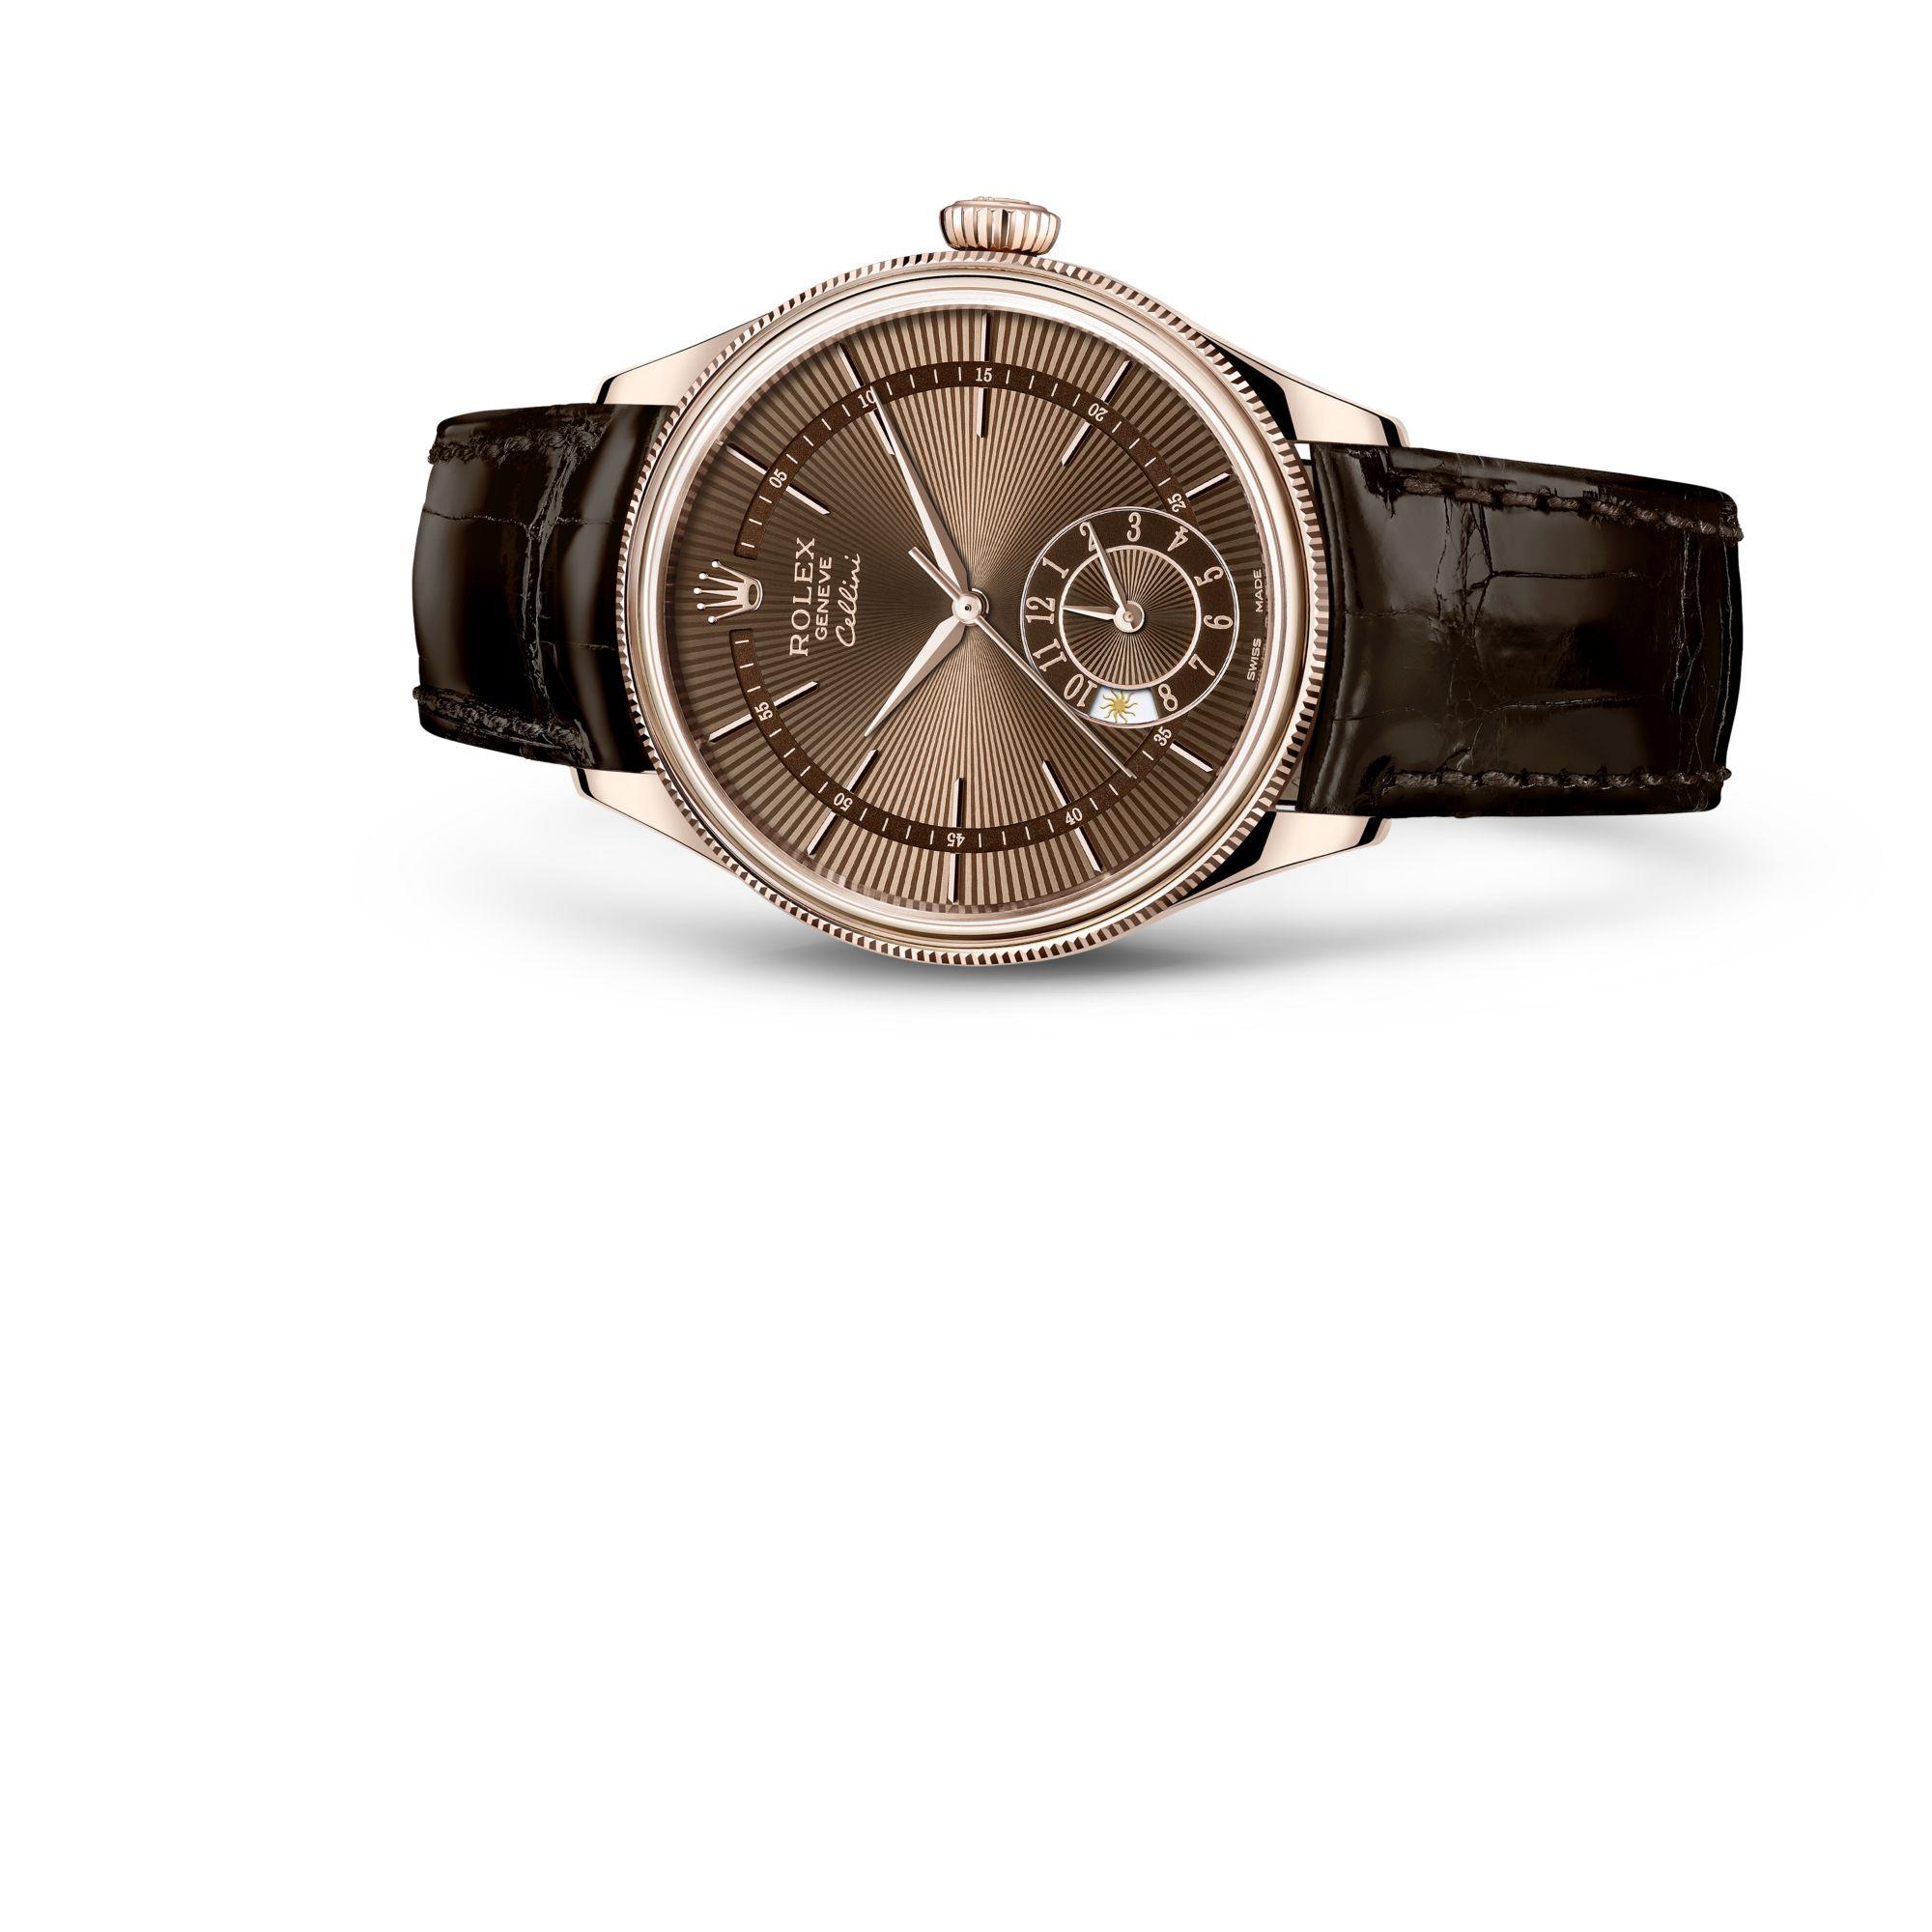 Rolex チェリーニ<br>デュアルタイム M50525-0015